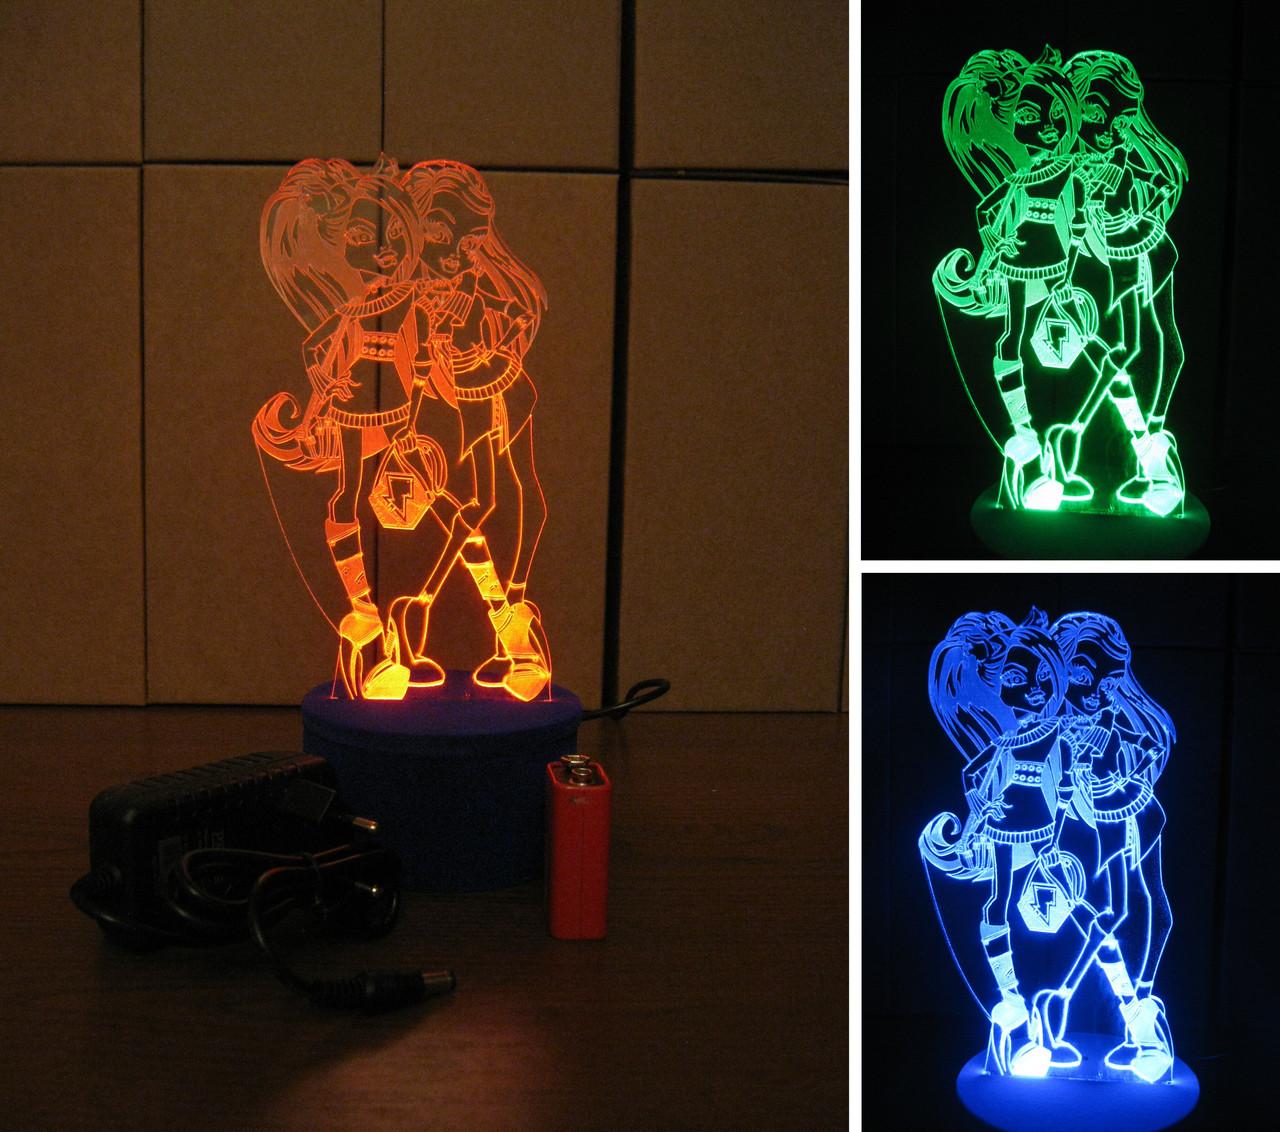 3d-светильник Монстр Хай, 3д-ночник, несколько подсветок (батарейка+220В), подарок для девочки